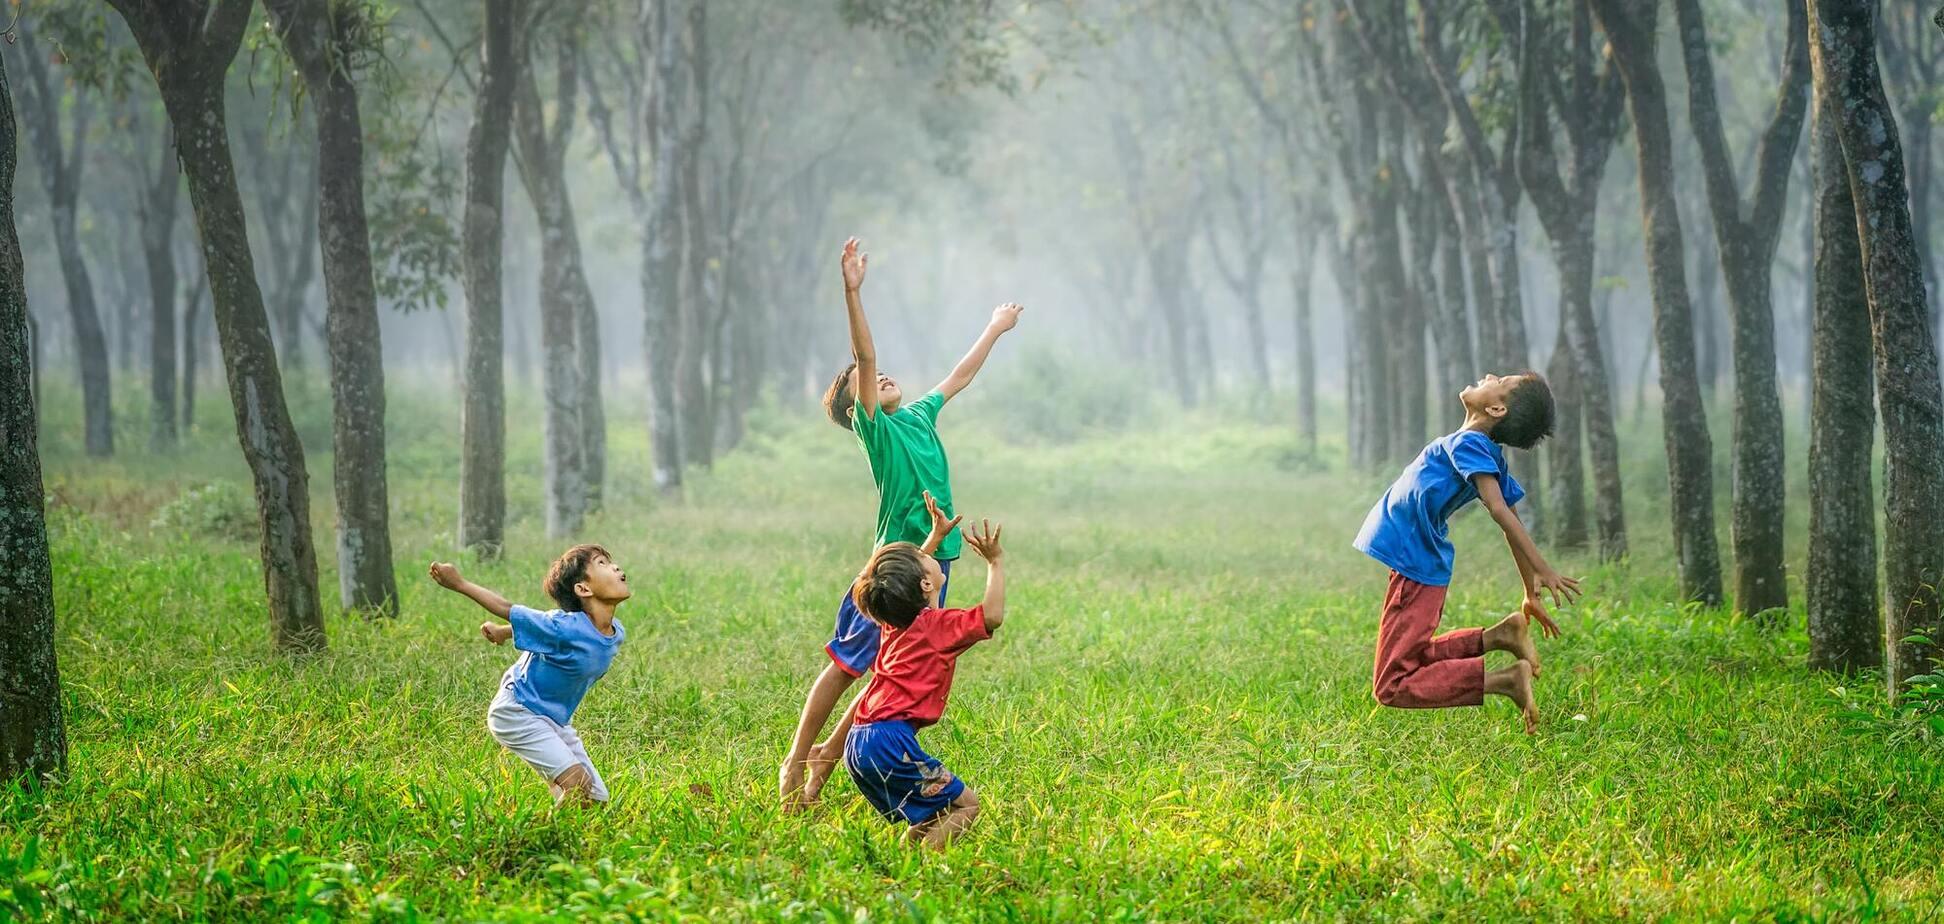 Кроме генетики, ключевыми факторами роста и веса детей также являются питание и окружающая среда